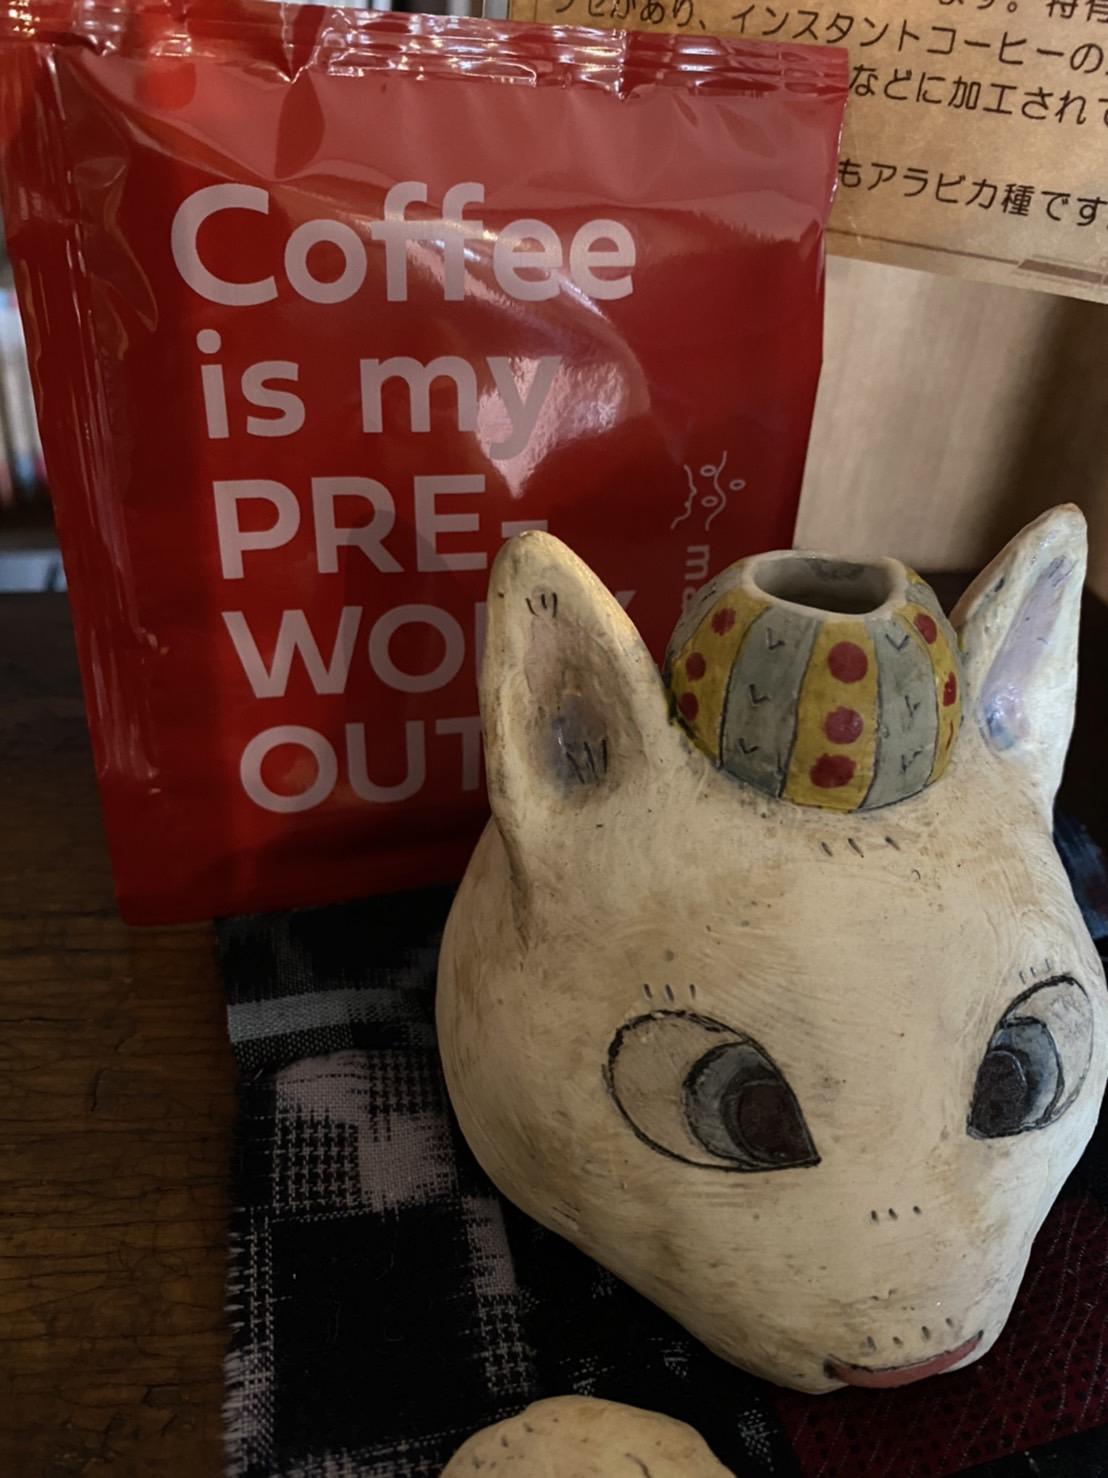 無農薬コーヒー ドリップパックプレゼント